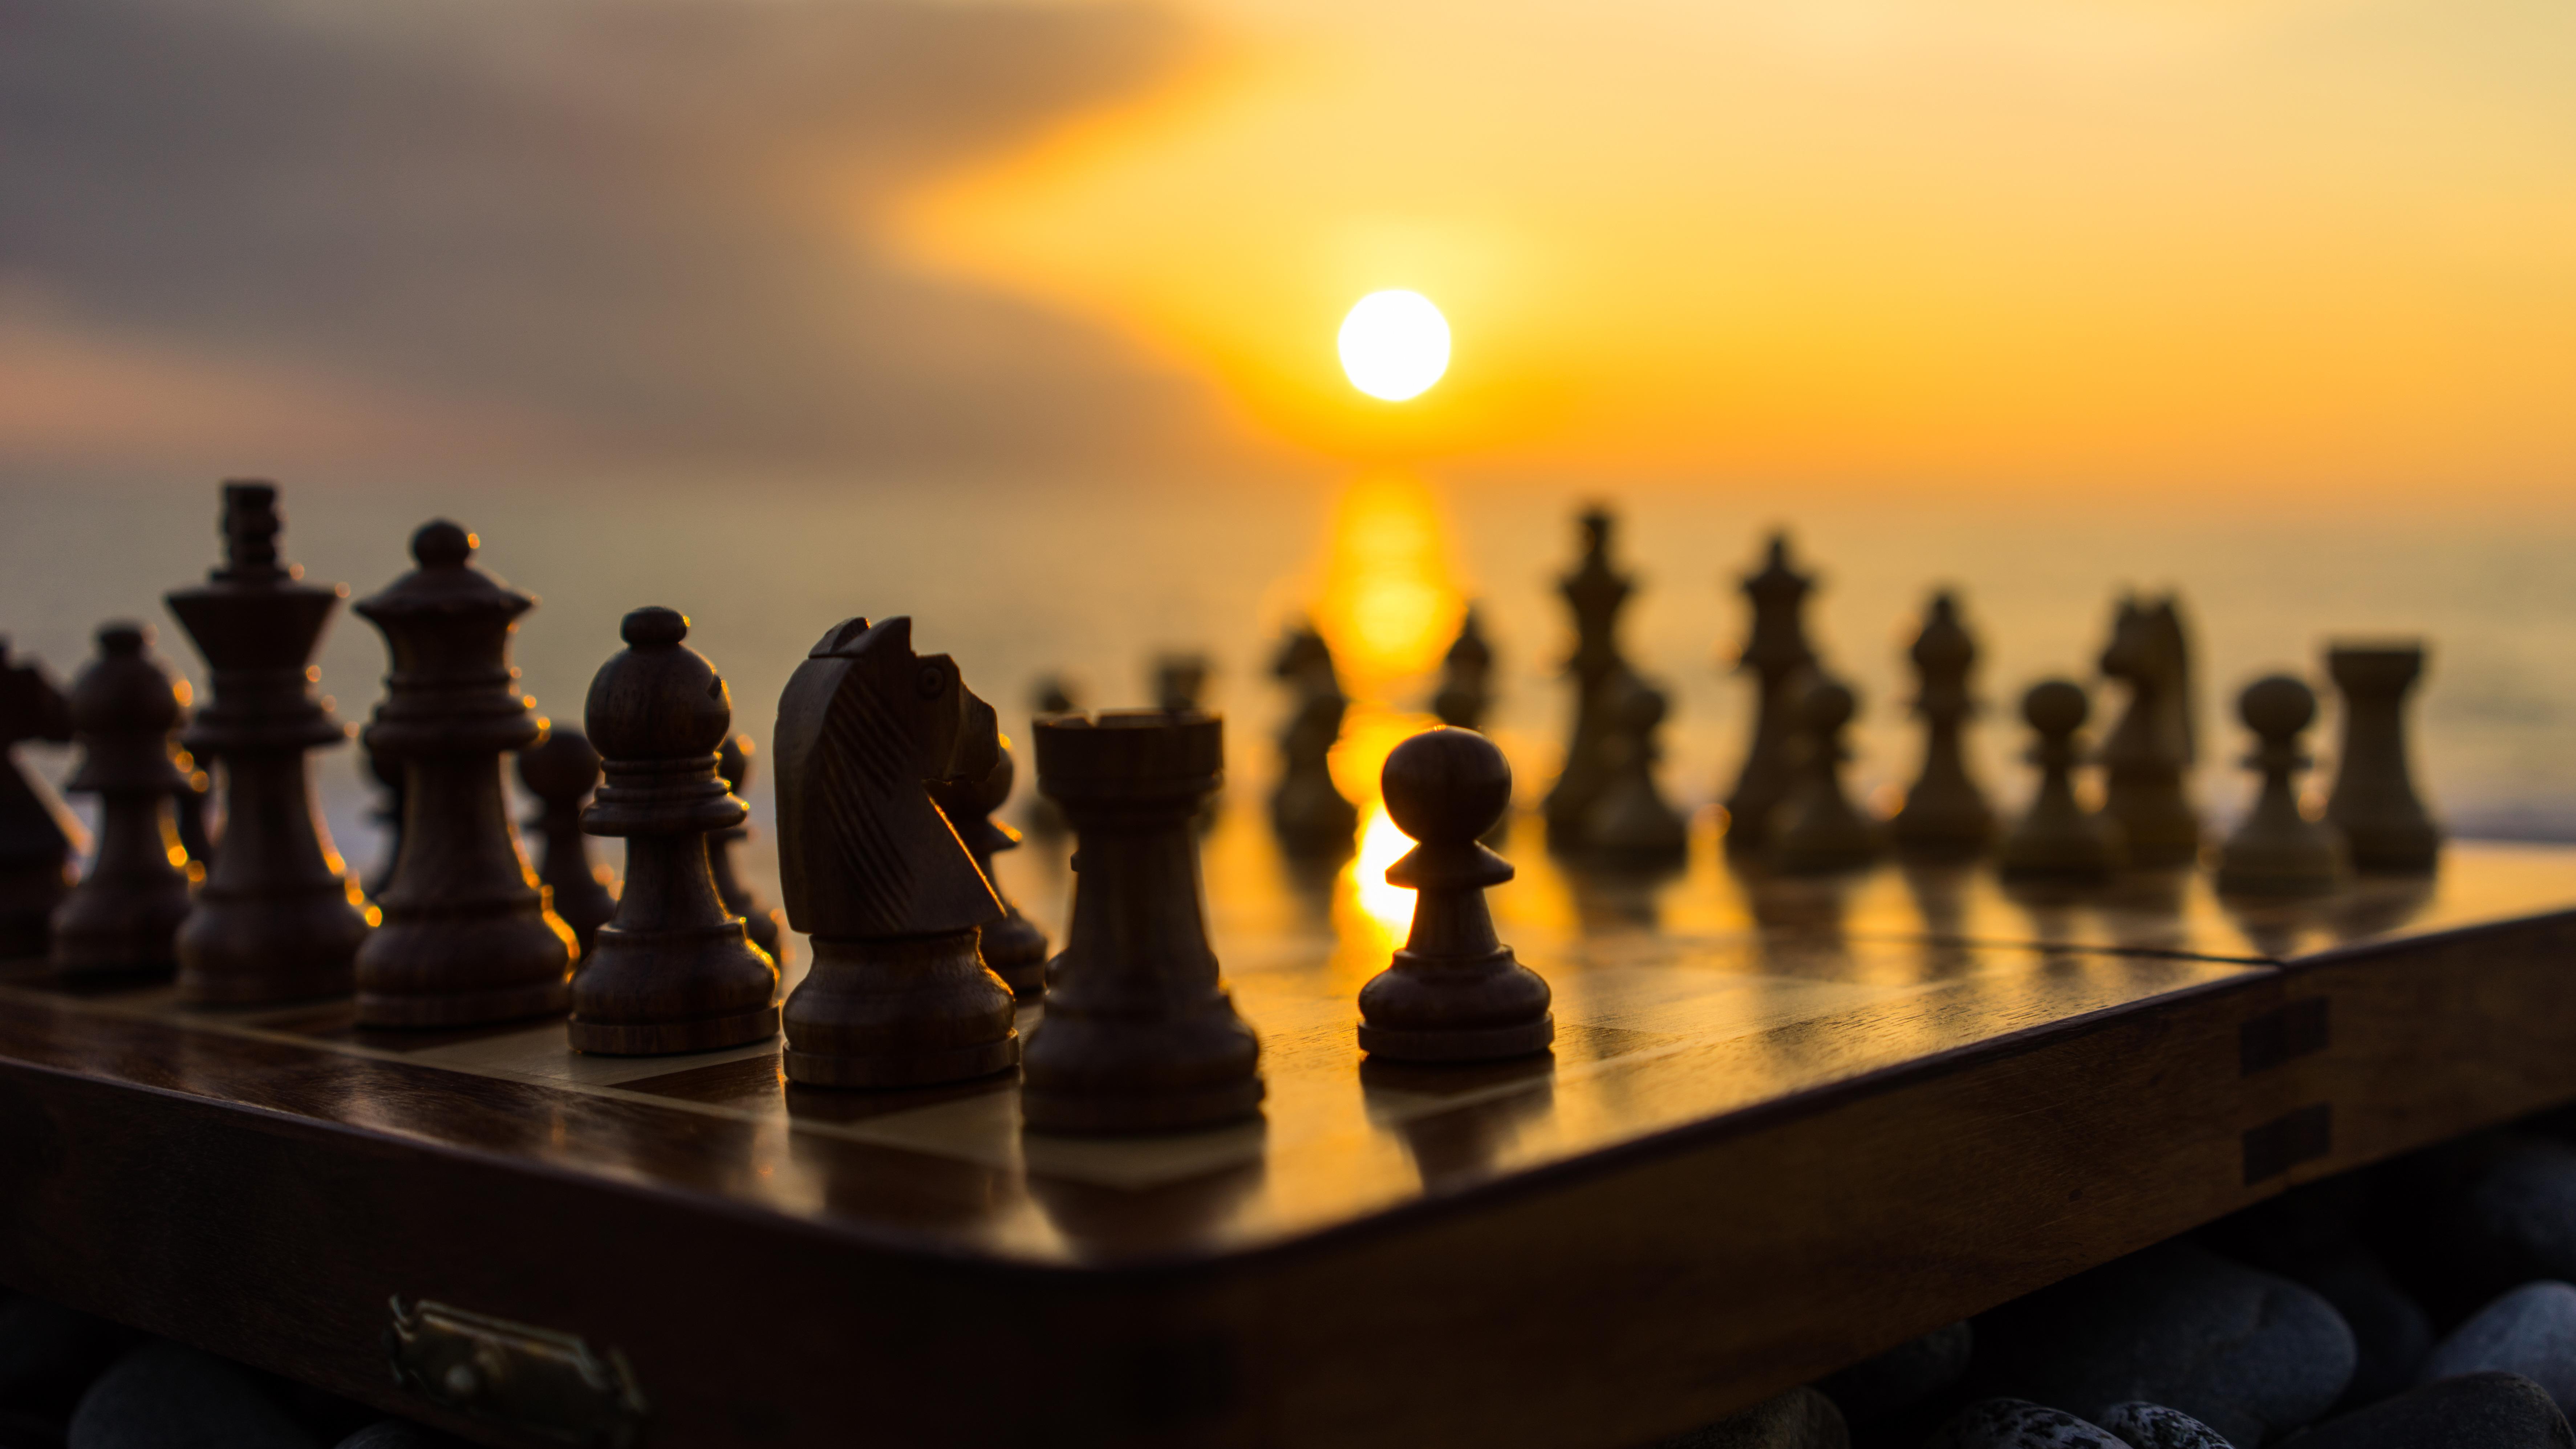 Chess 8k